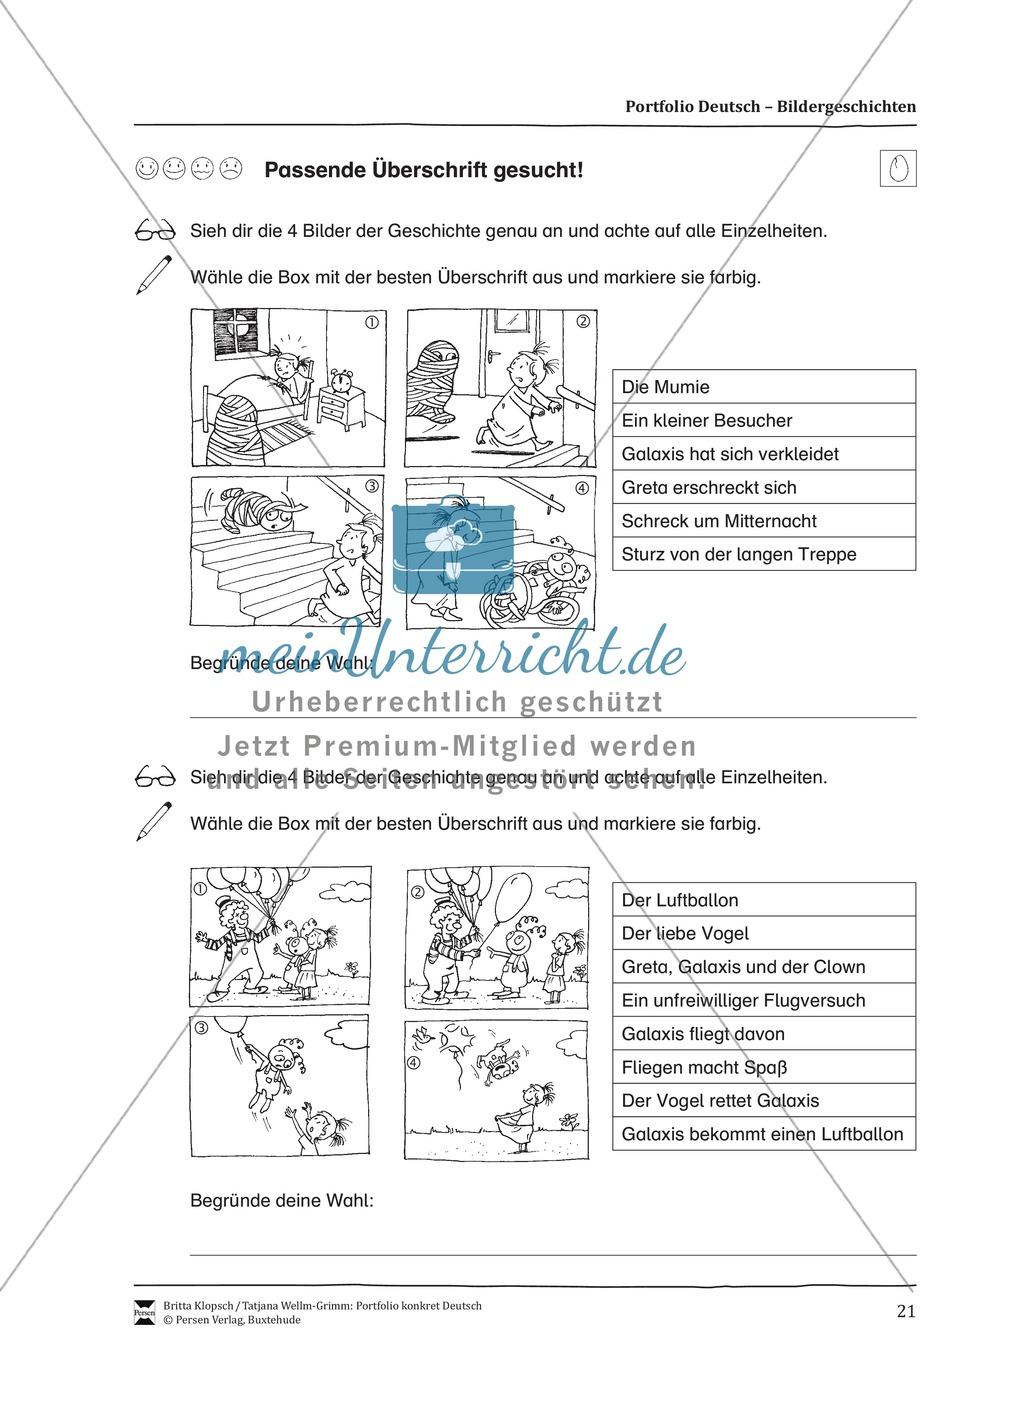 Kopiervorlagen für Aufsatzerziehung am Beispiel Bildergeschichte Preview 13